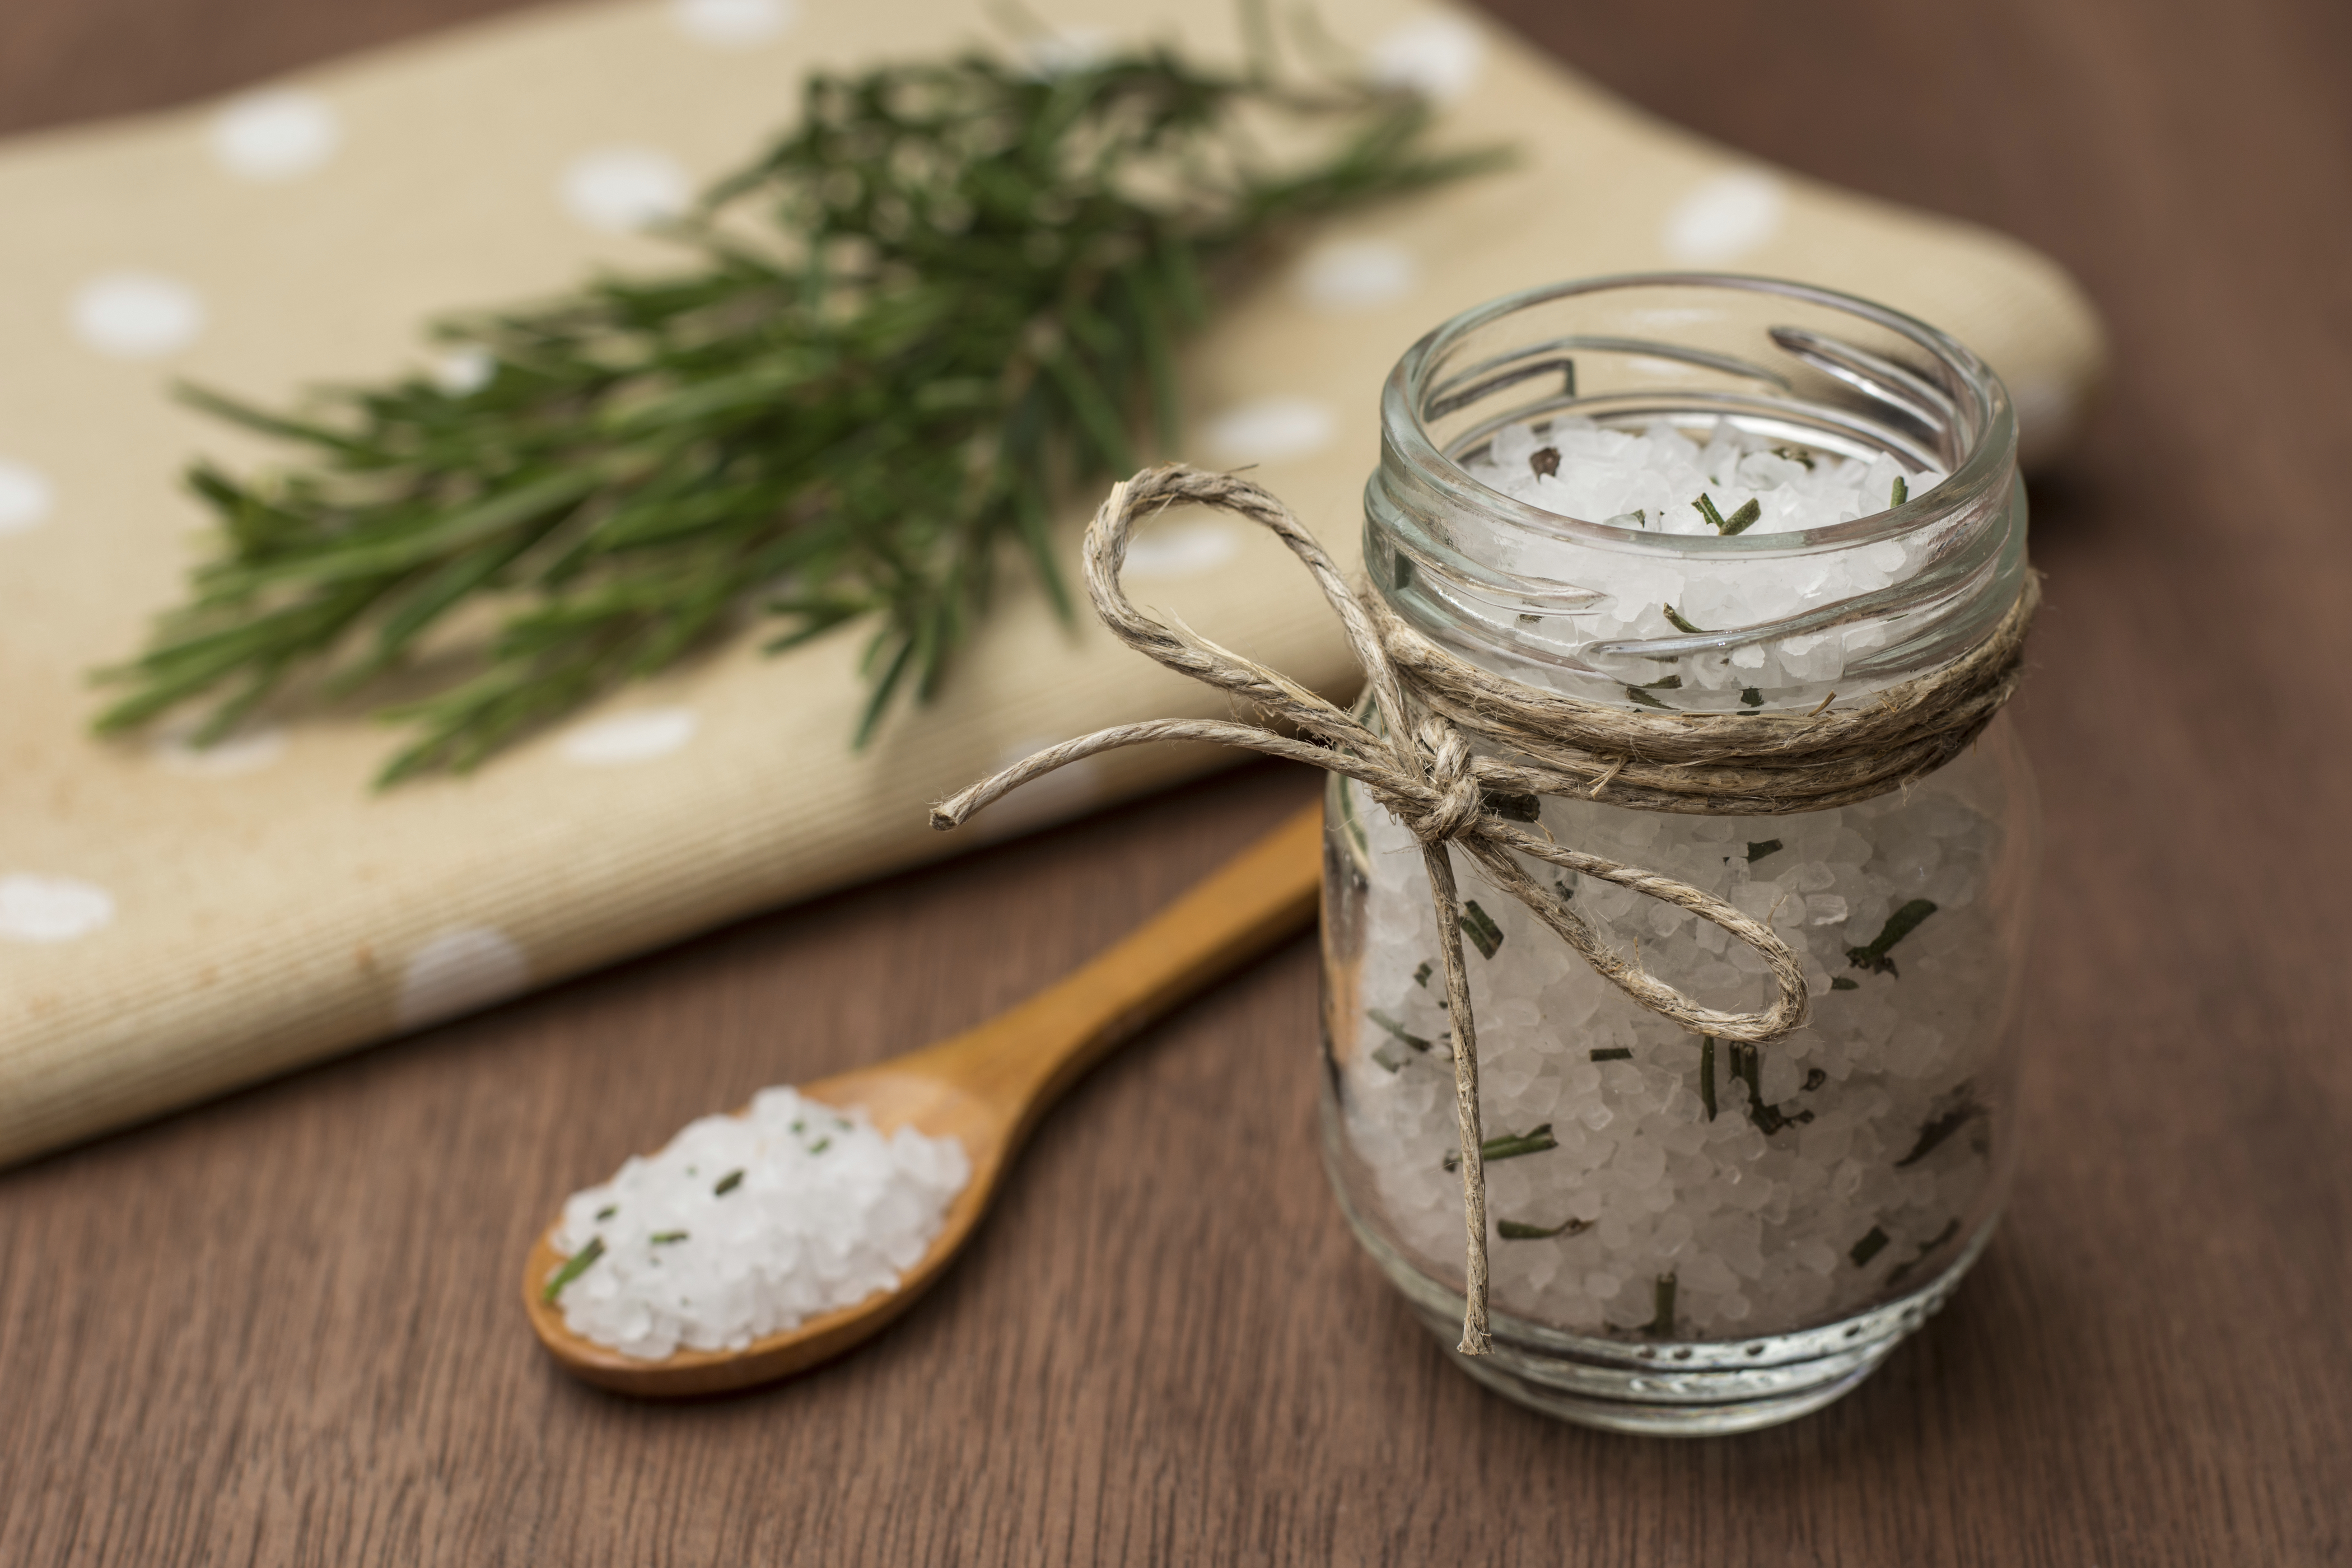 Homemade salt with rosmary